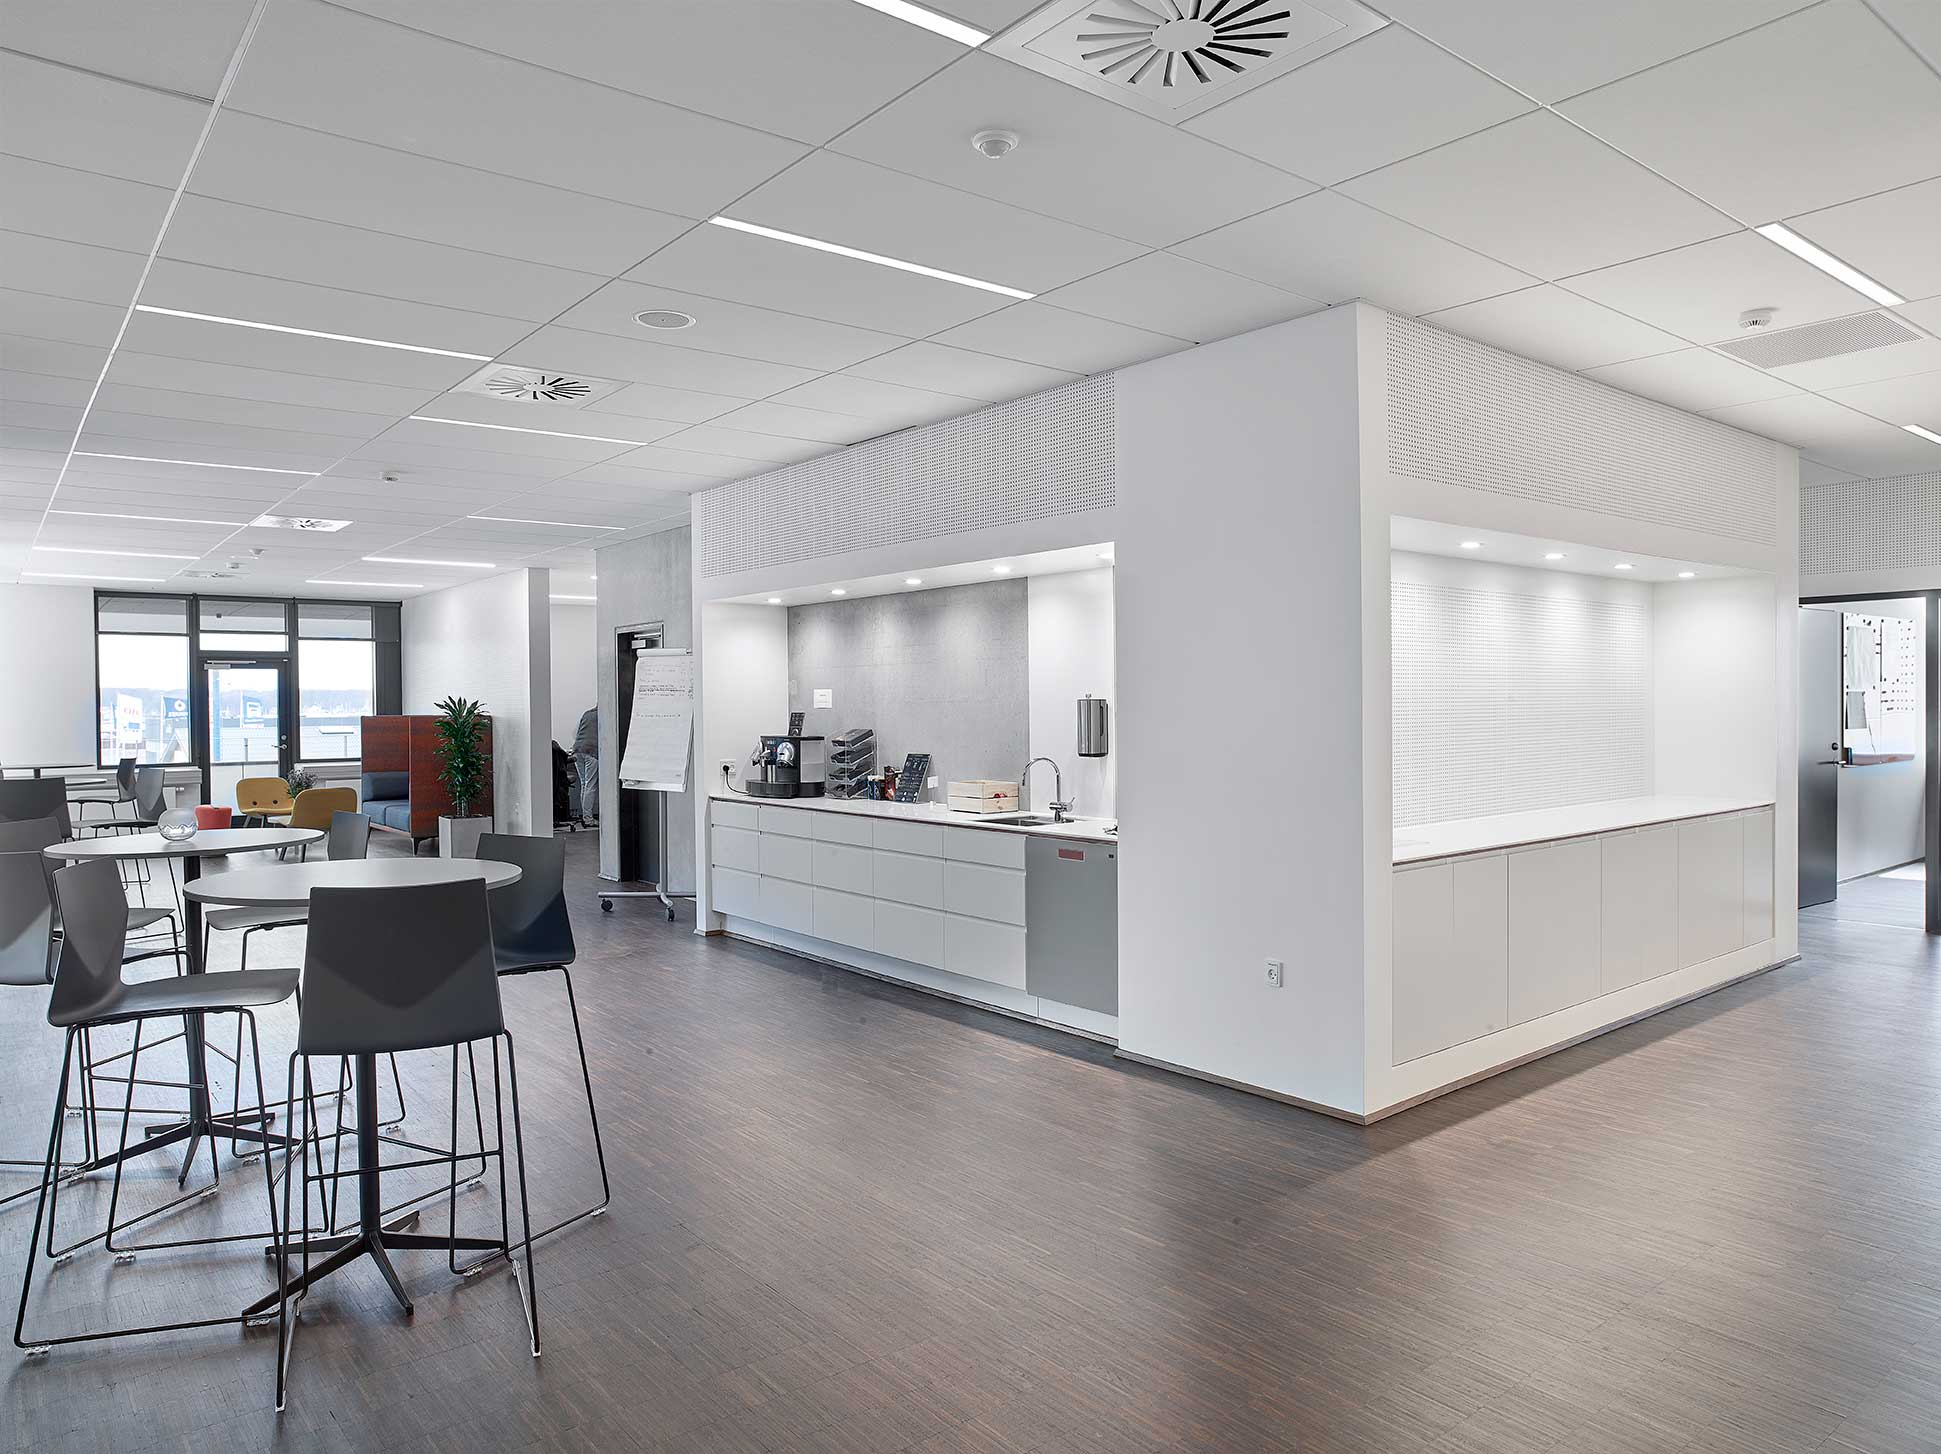 Matric Recessed Frameless M1 lampe indbygget i loftet ved fællesområder og lounge- Luminex